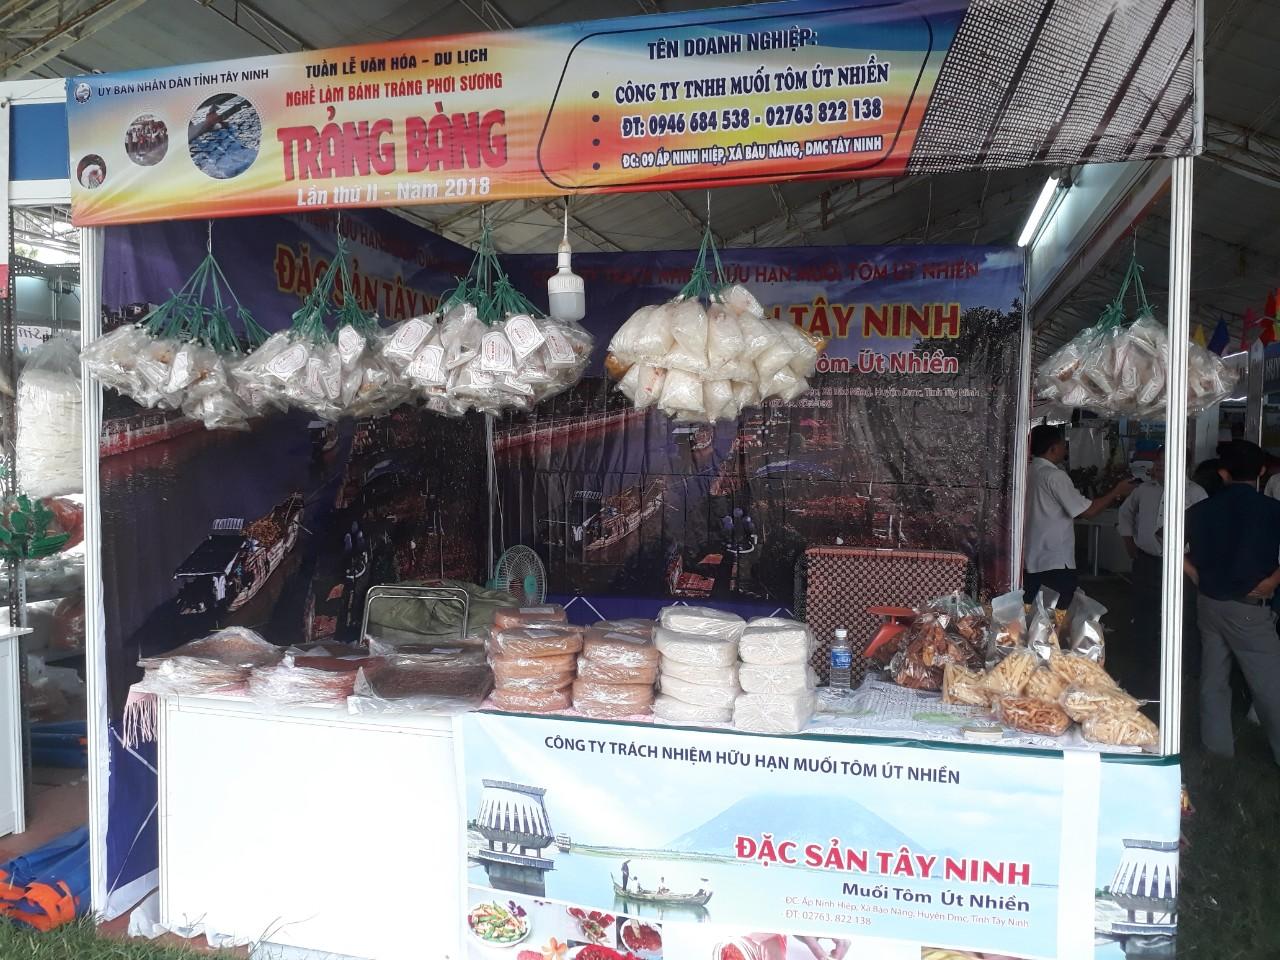 Đặc Sản Tây Ninh - Muối Tôm Bánh Tráng Út Nhiền